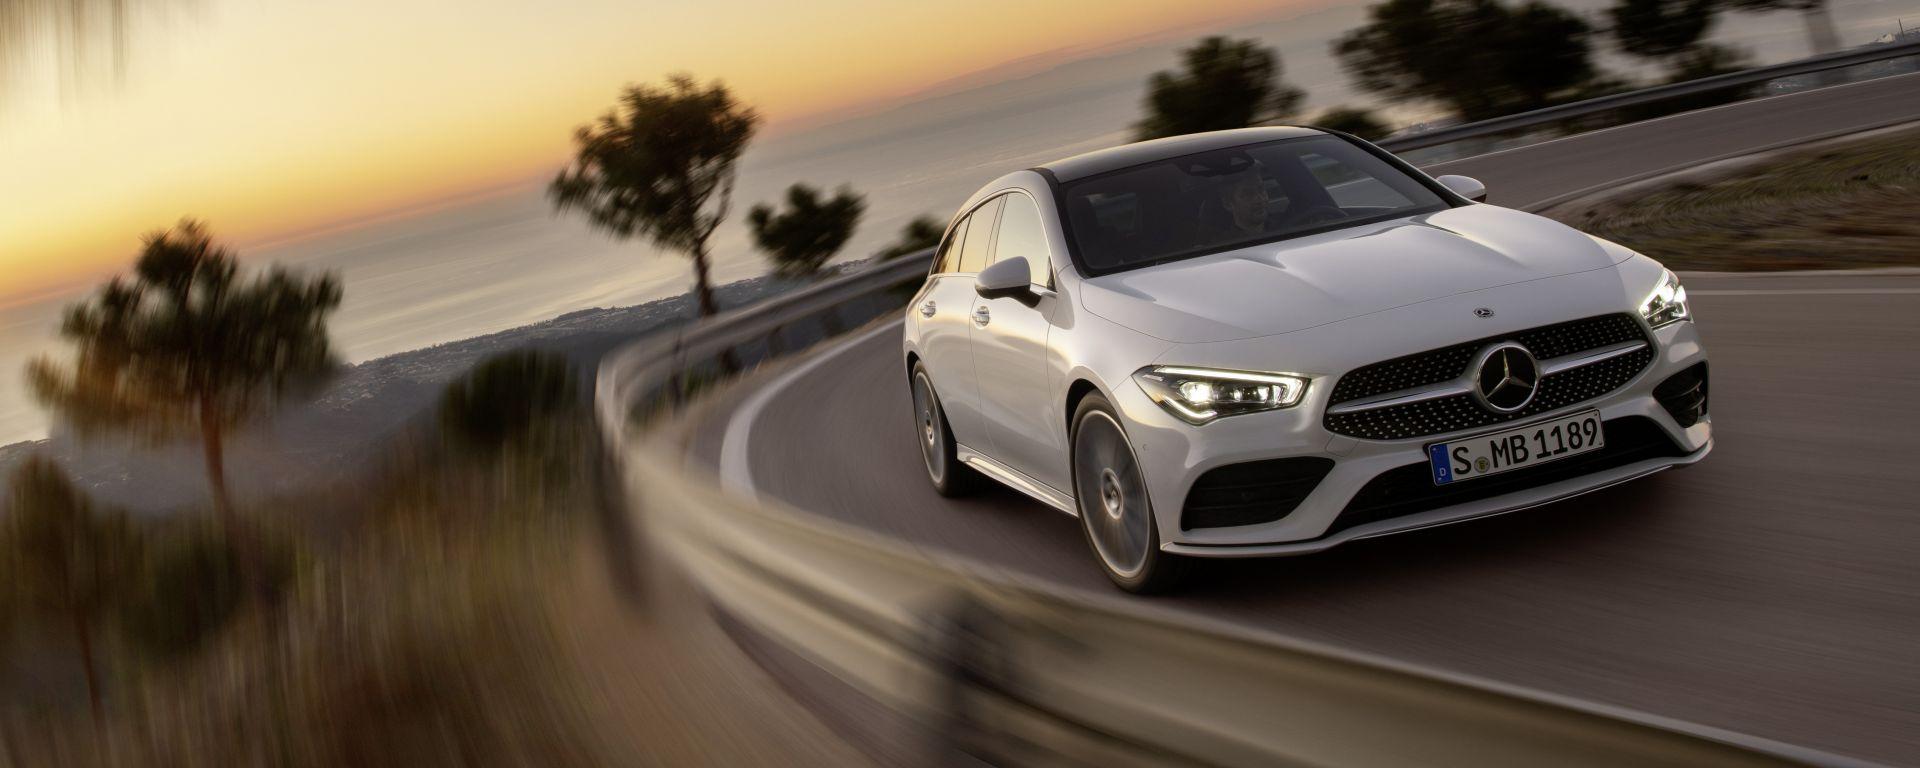 Stella di design e comfort: la prova della Mercedes CLA Shooting Brake